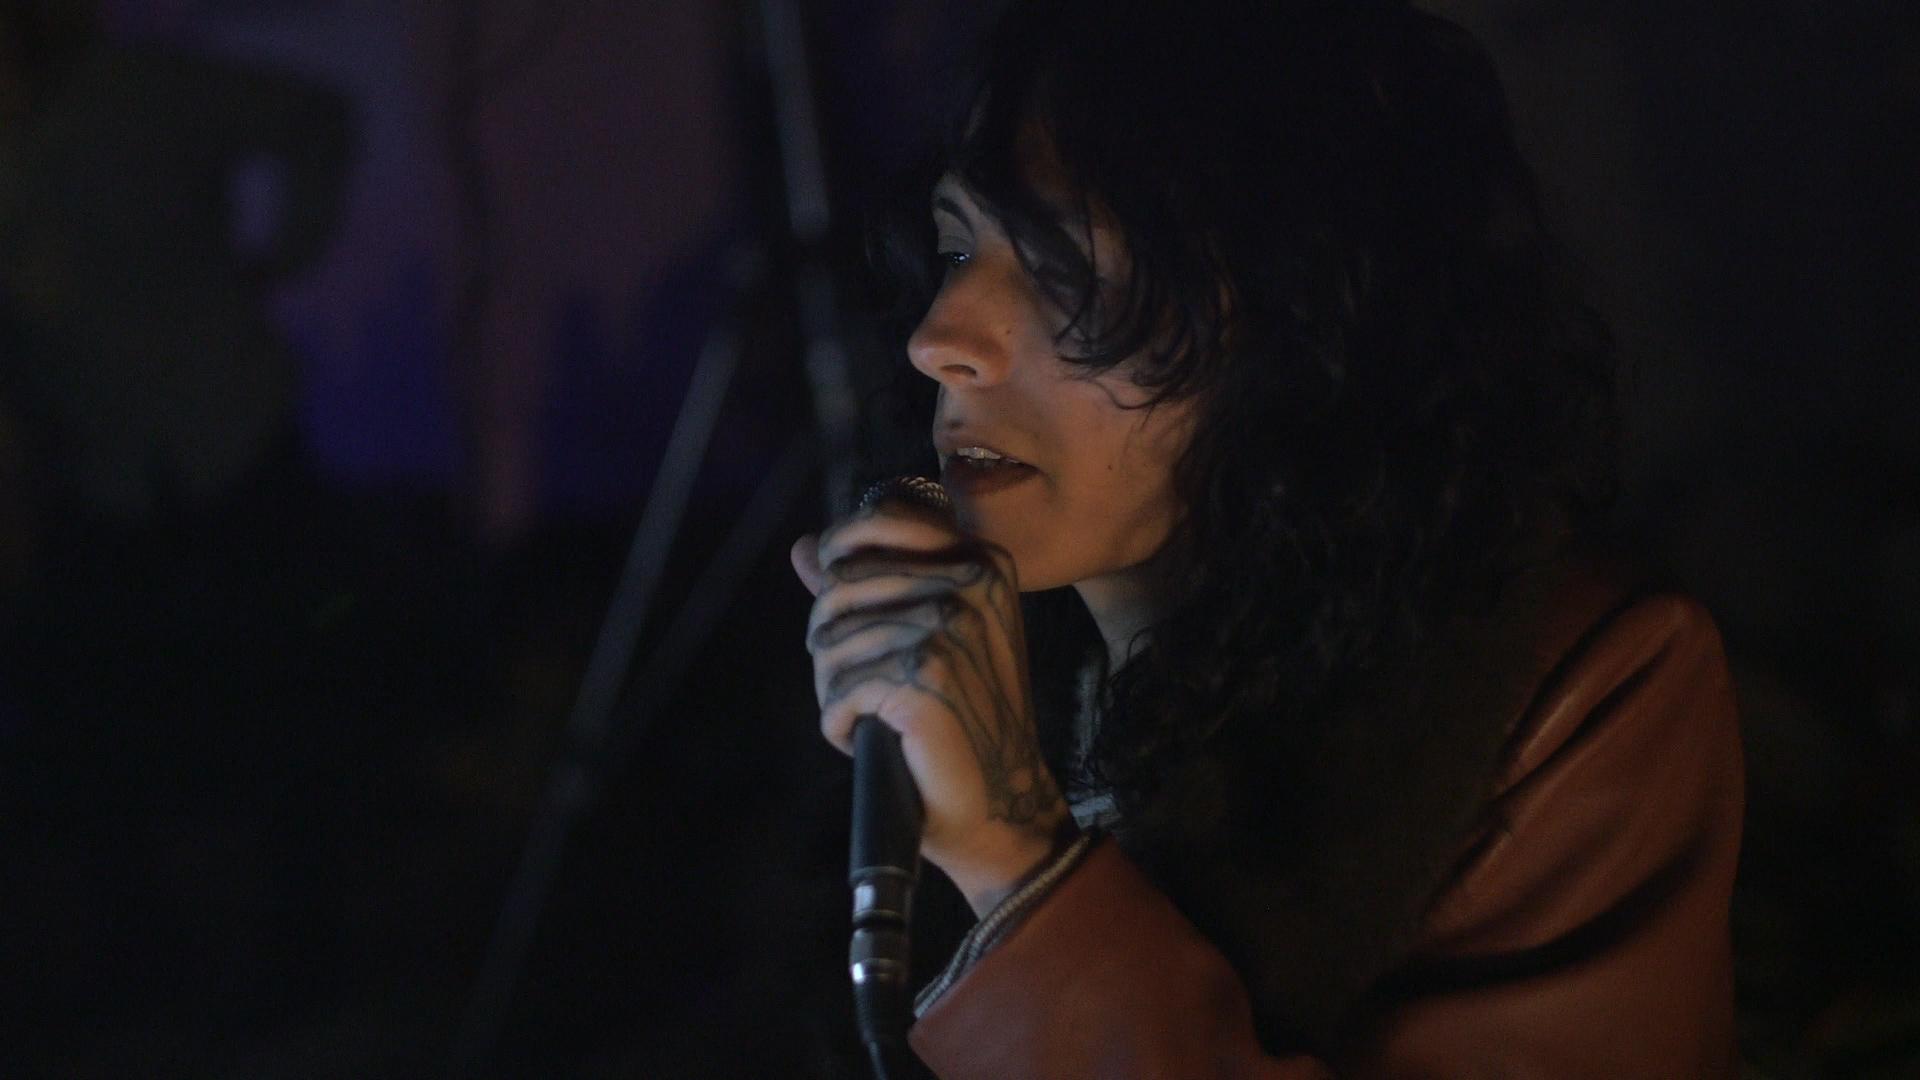 Elysia Crampton performing at H3O/OO3